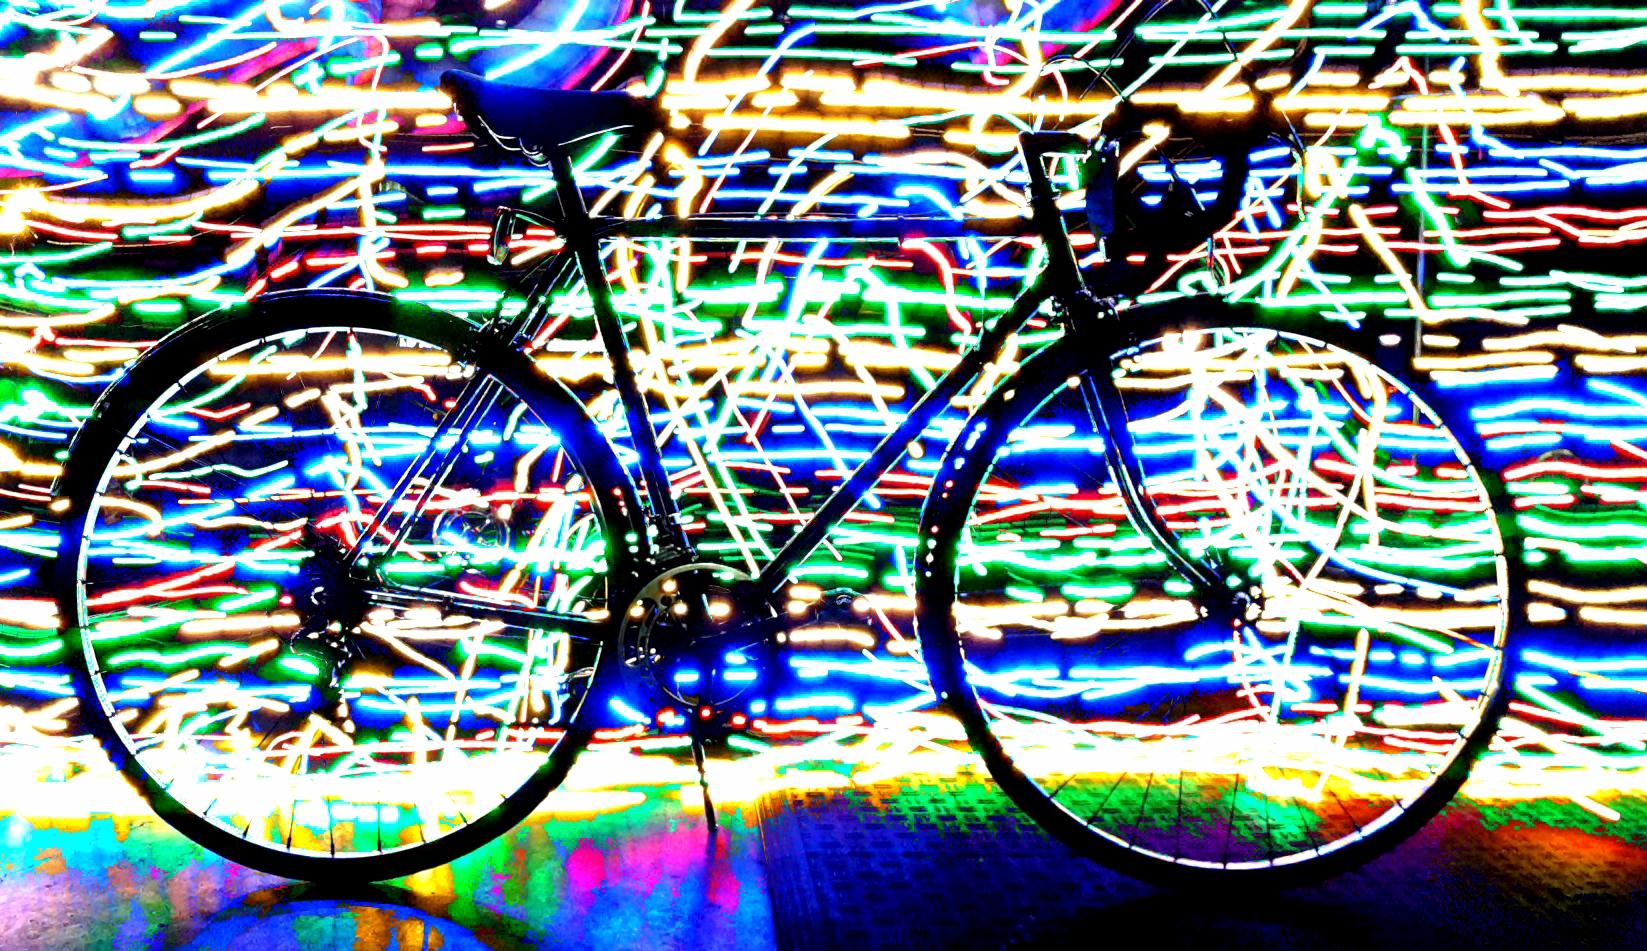 bike-image-on-light-stage.jpg